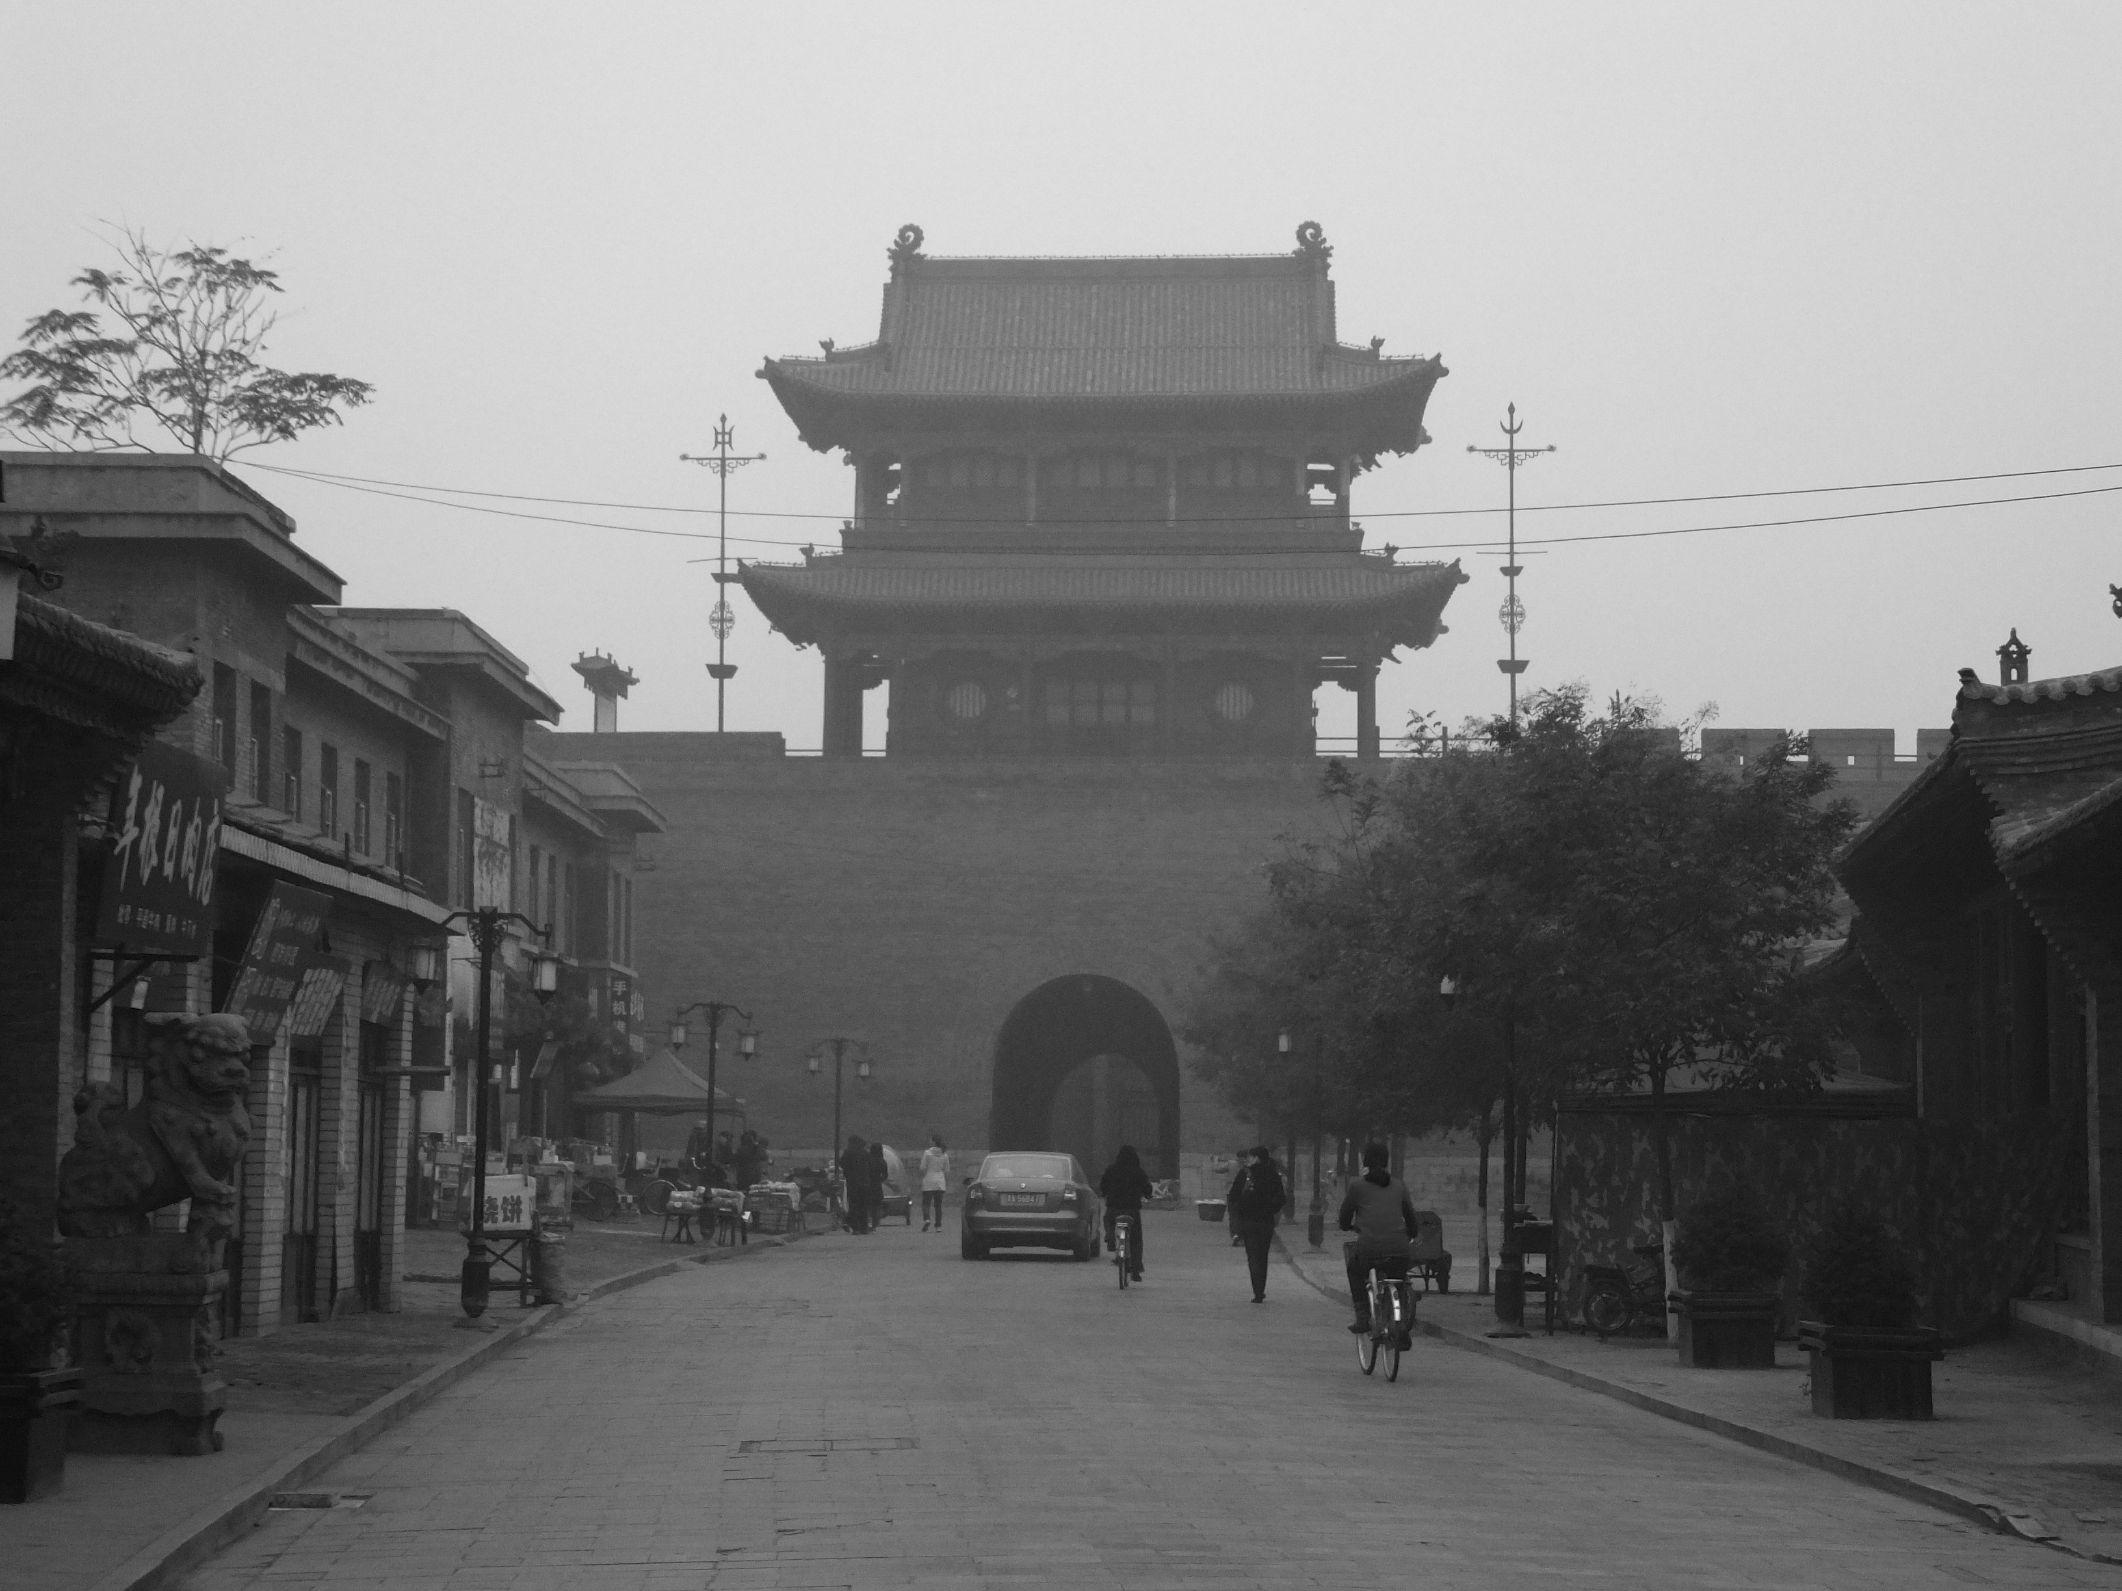 Pingyao – Die besterhaltenste Stadtmauer in China im Braunkohledunst